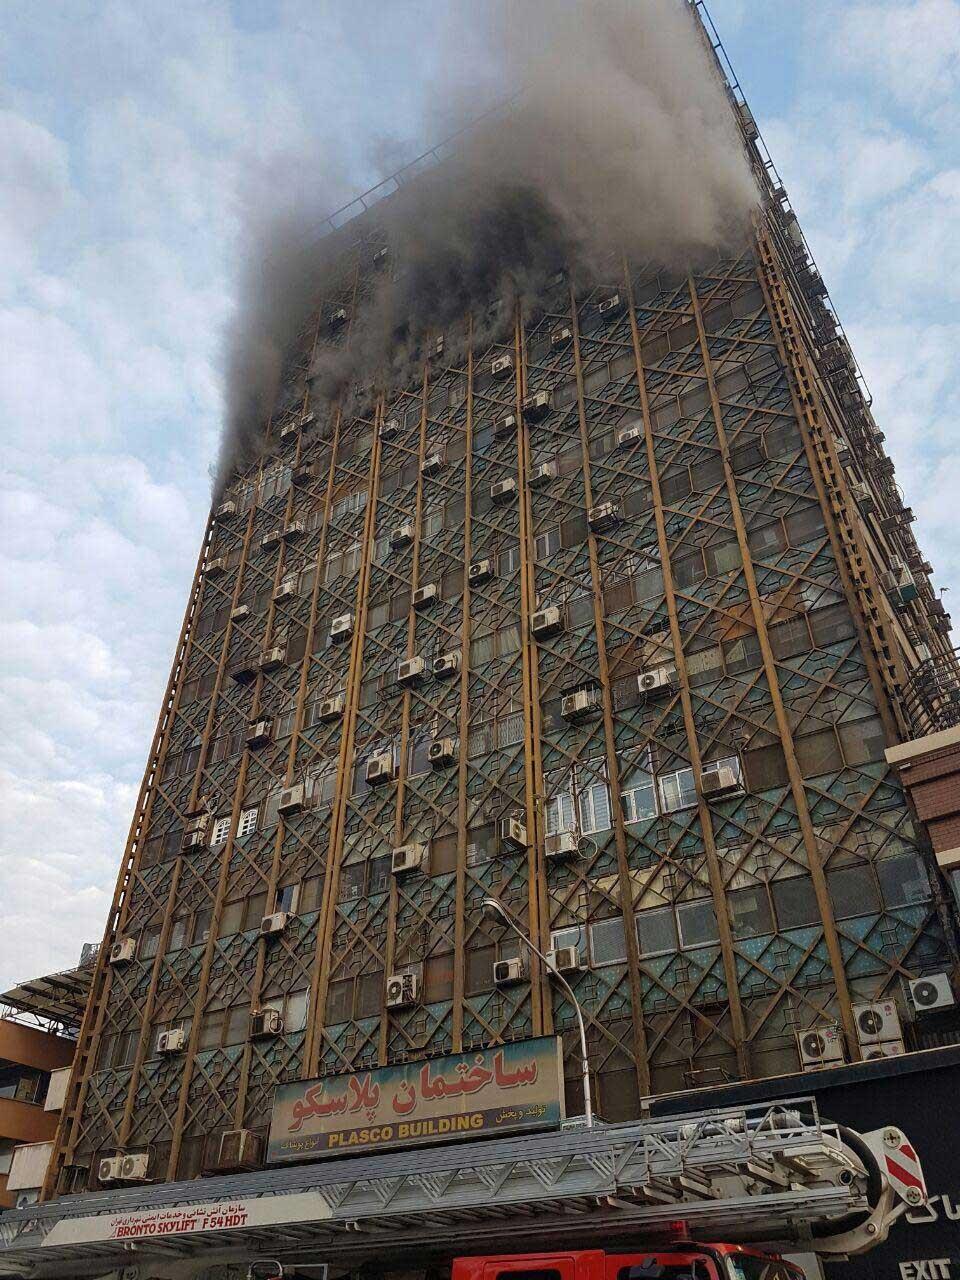 روایت سازنده نمای فلزی پلاسکو از دلایل فروپاشی ساختمان/ اگر سازه بتونی بود، فاجعه اتفاق نمیافتاد؟